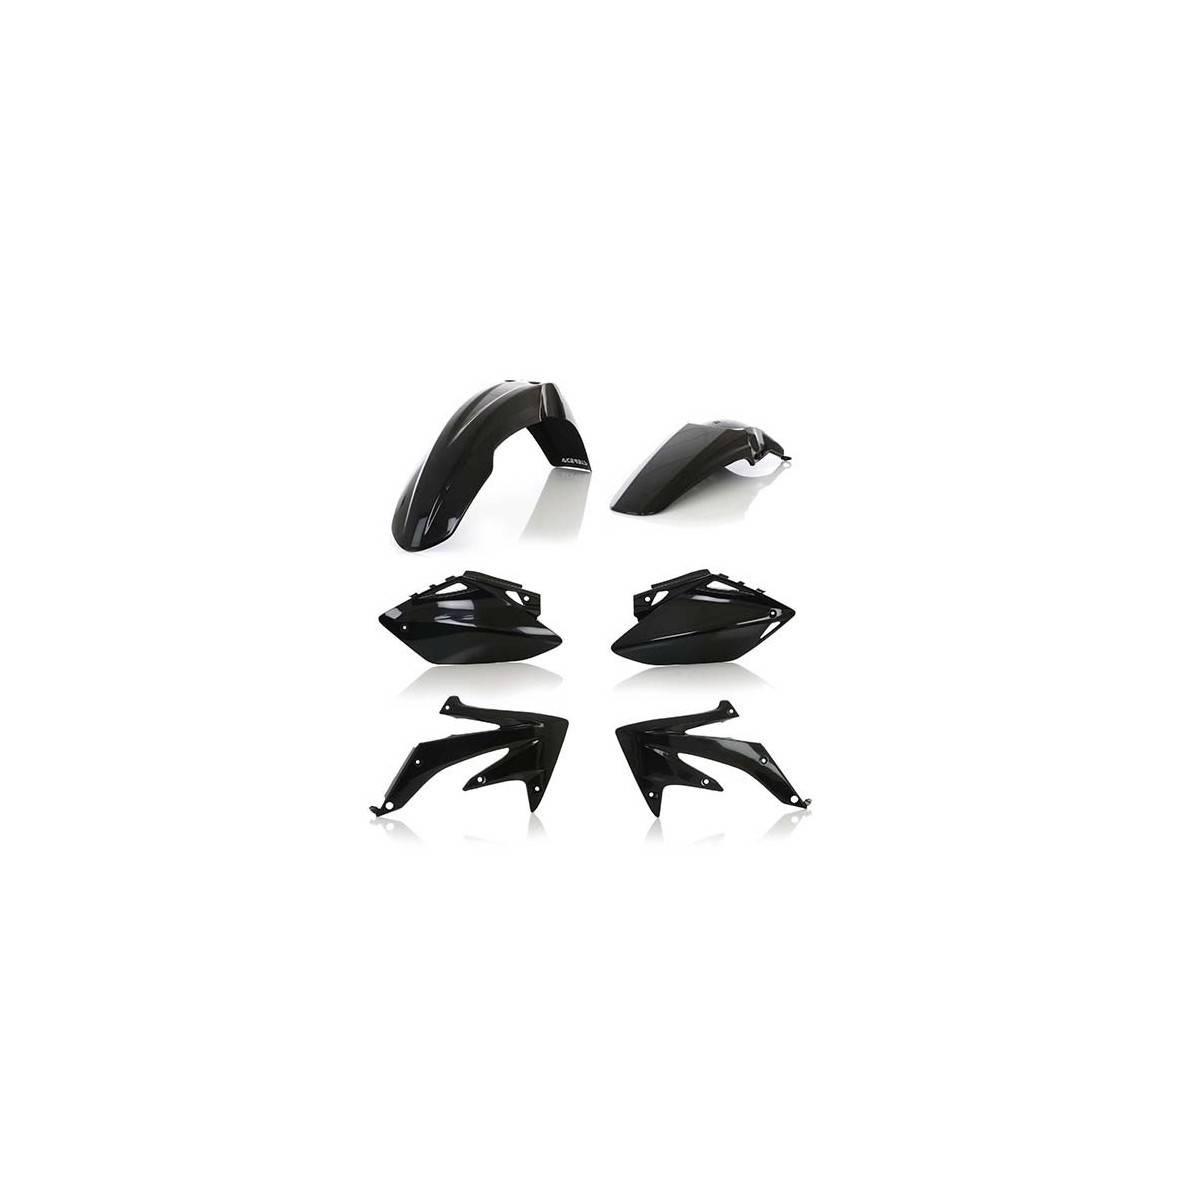 0010295-090 - Kit Plasticos Acerbis Crf450 07 08 Negro